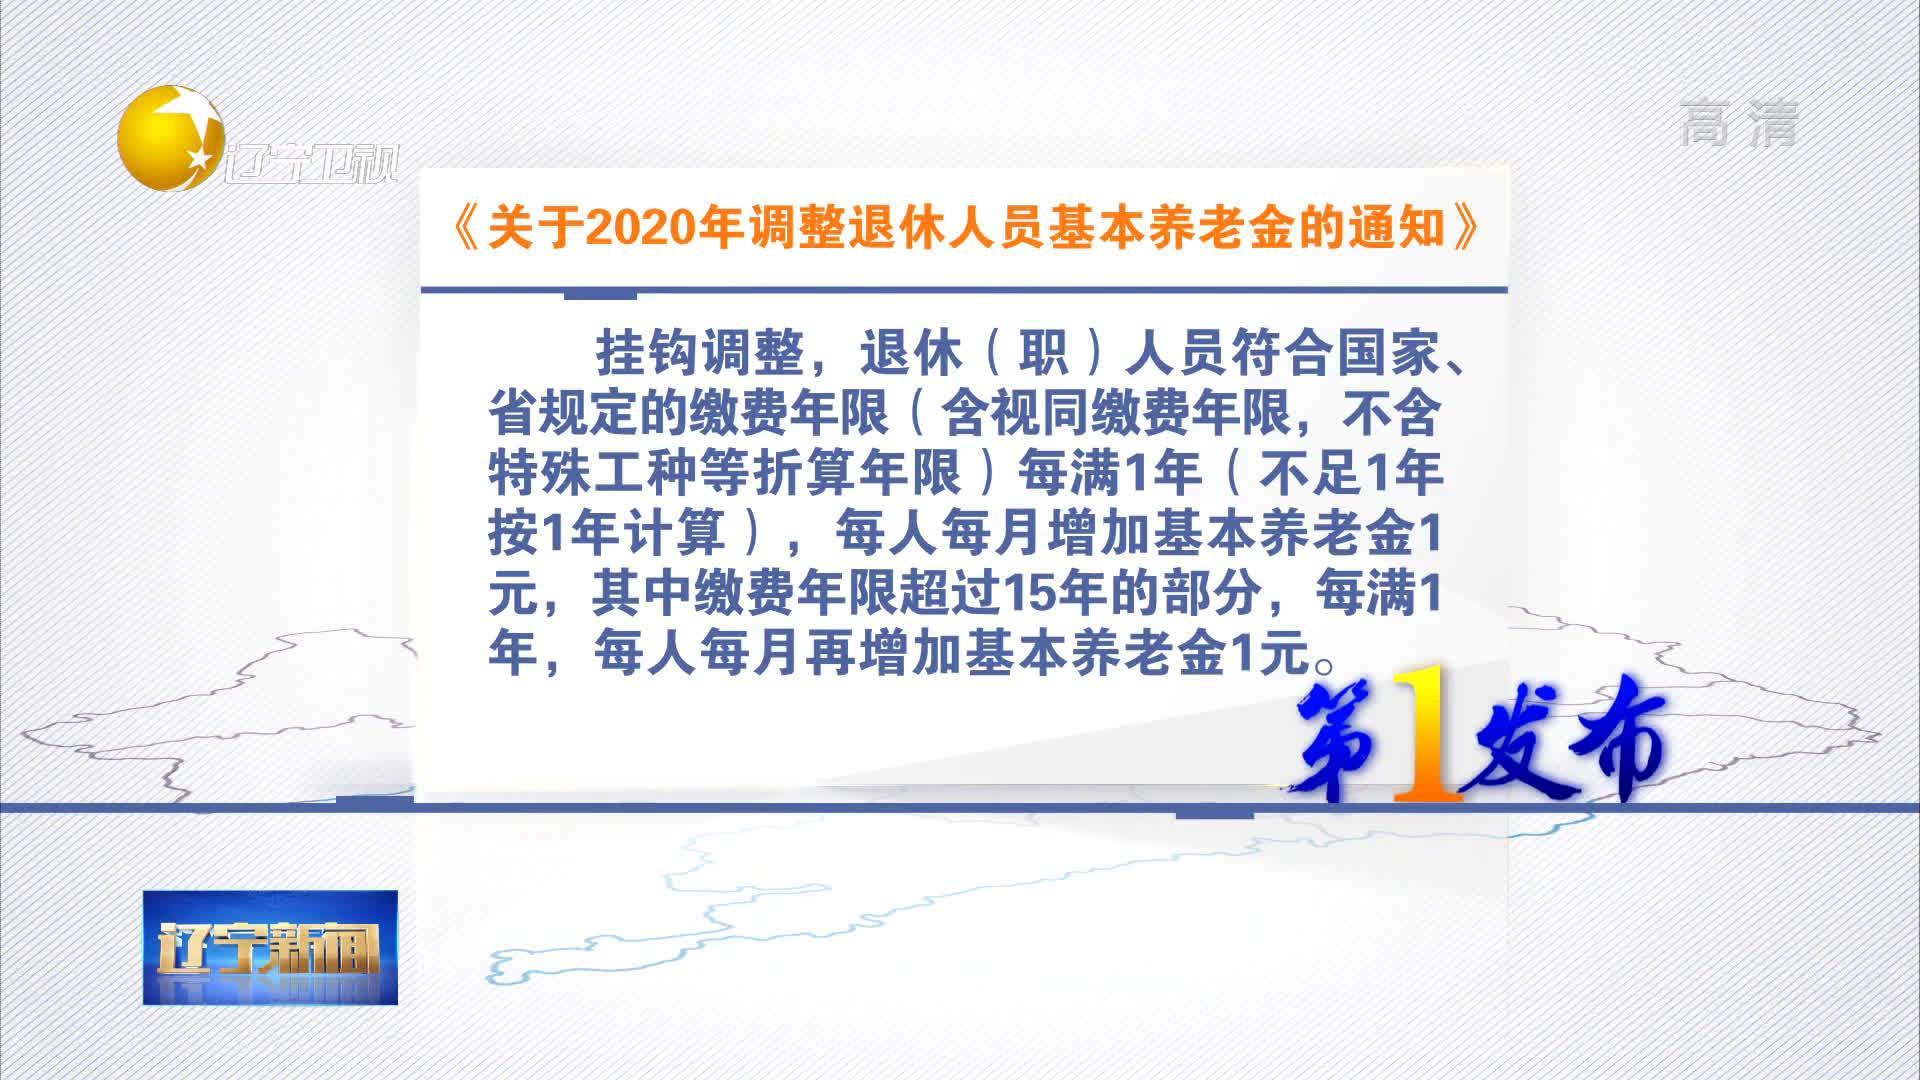 辽宁 出台2020年退休人员基本养老金调整方案